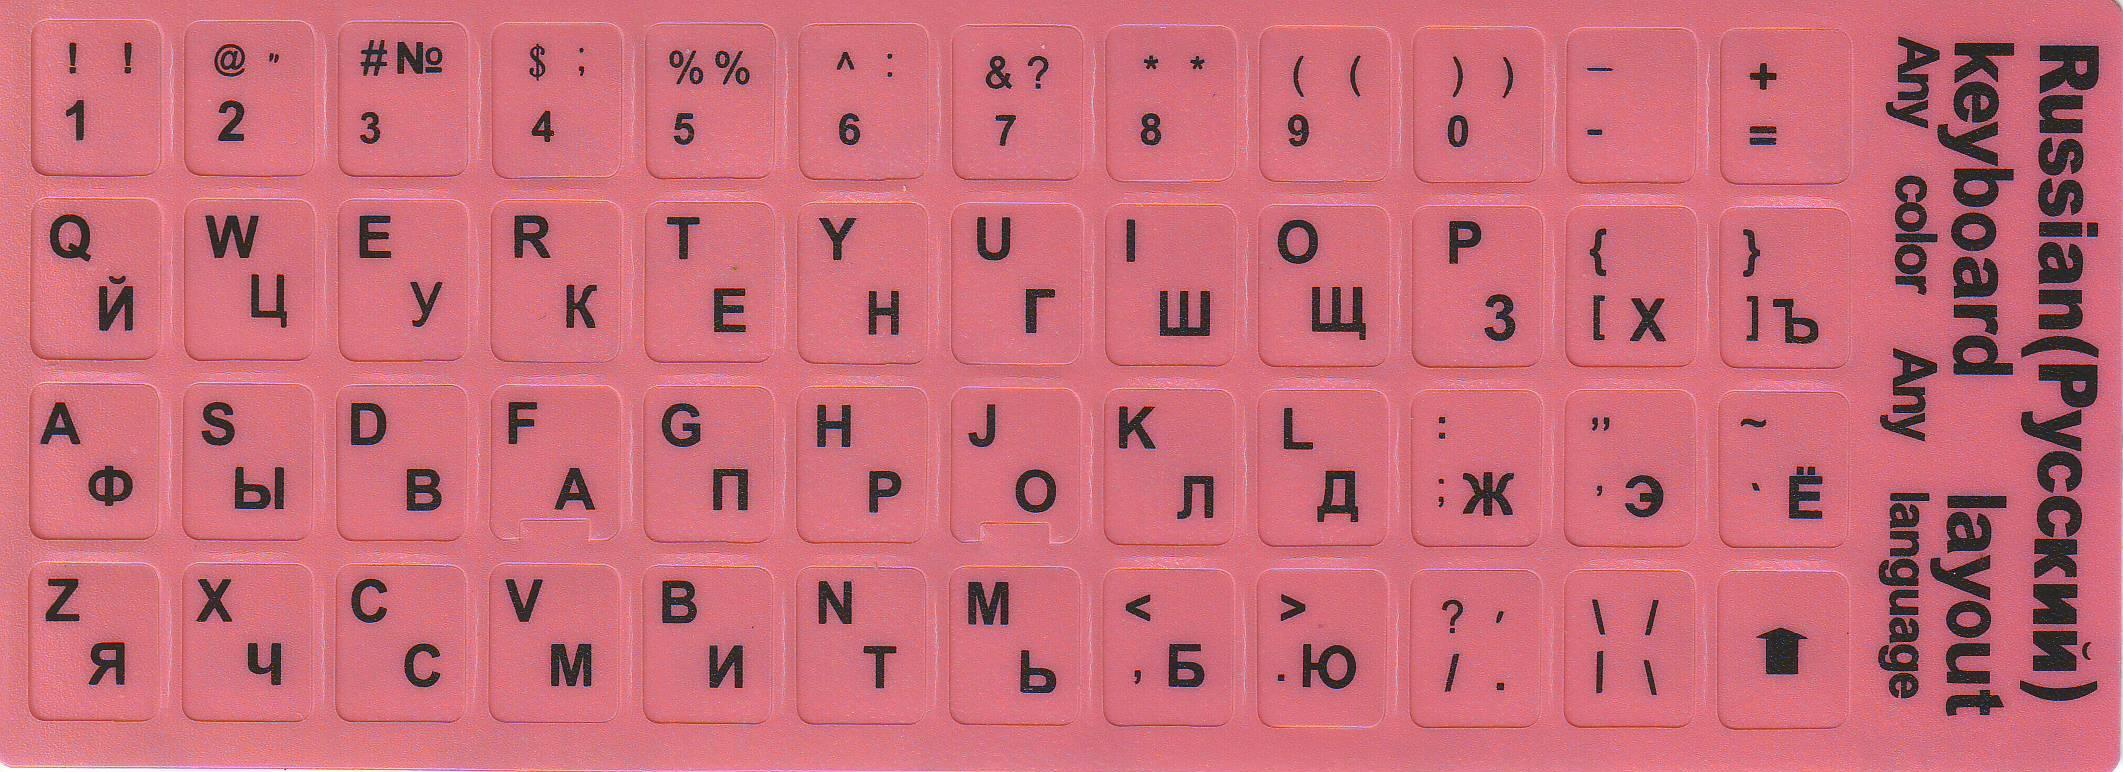 Как сделать чтобы клавиатура печатала буквы а не цифры